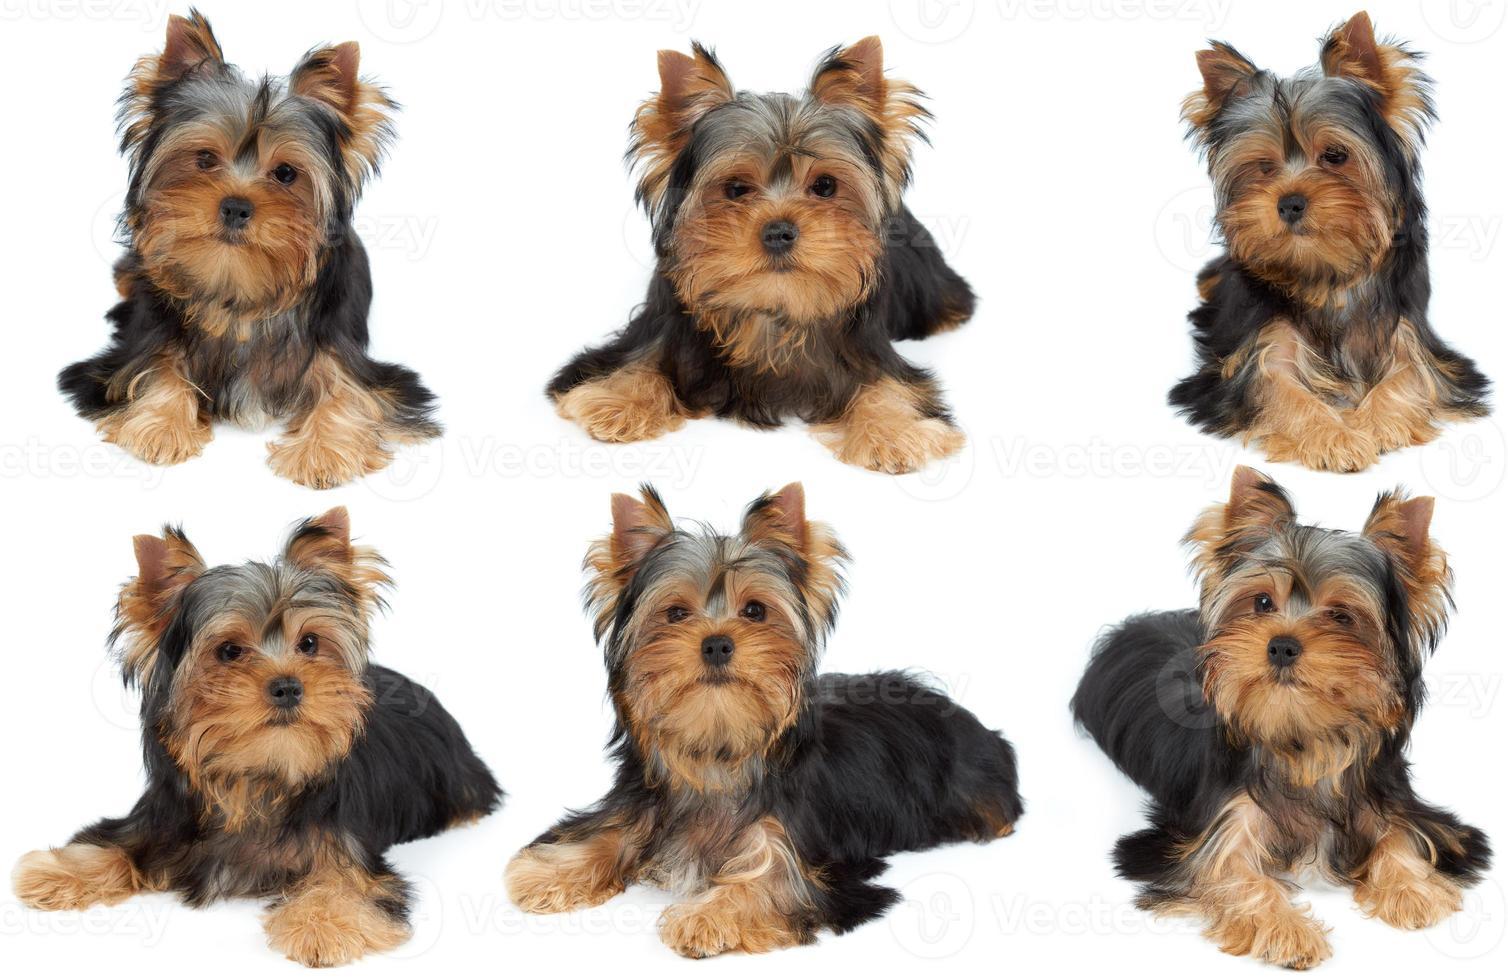 una sessione fotografica del cane foto